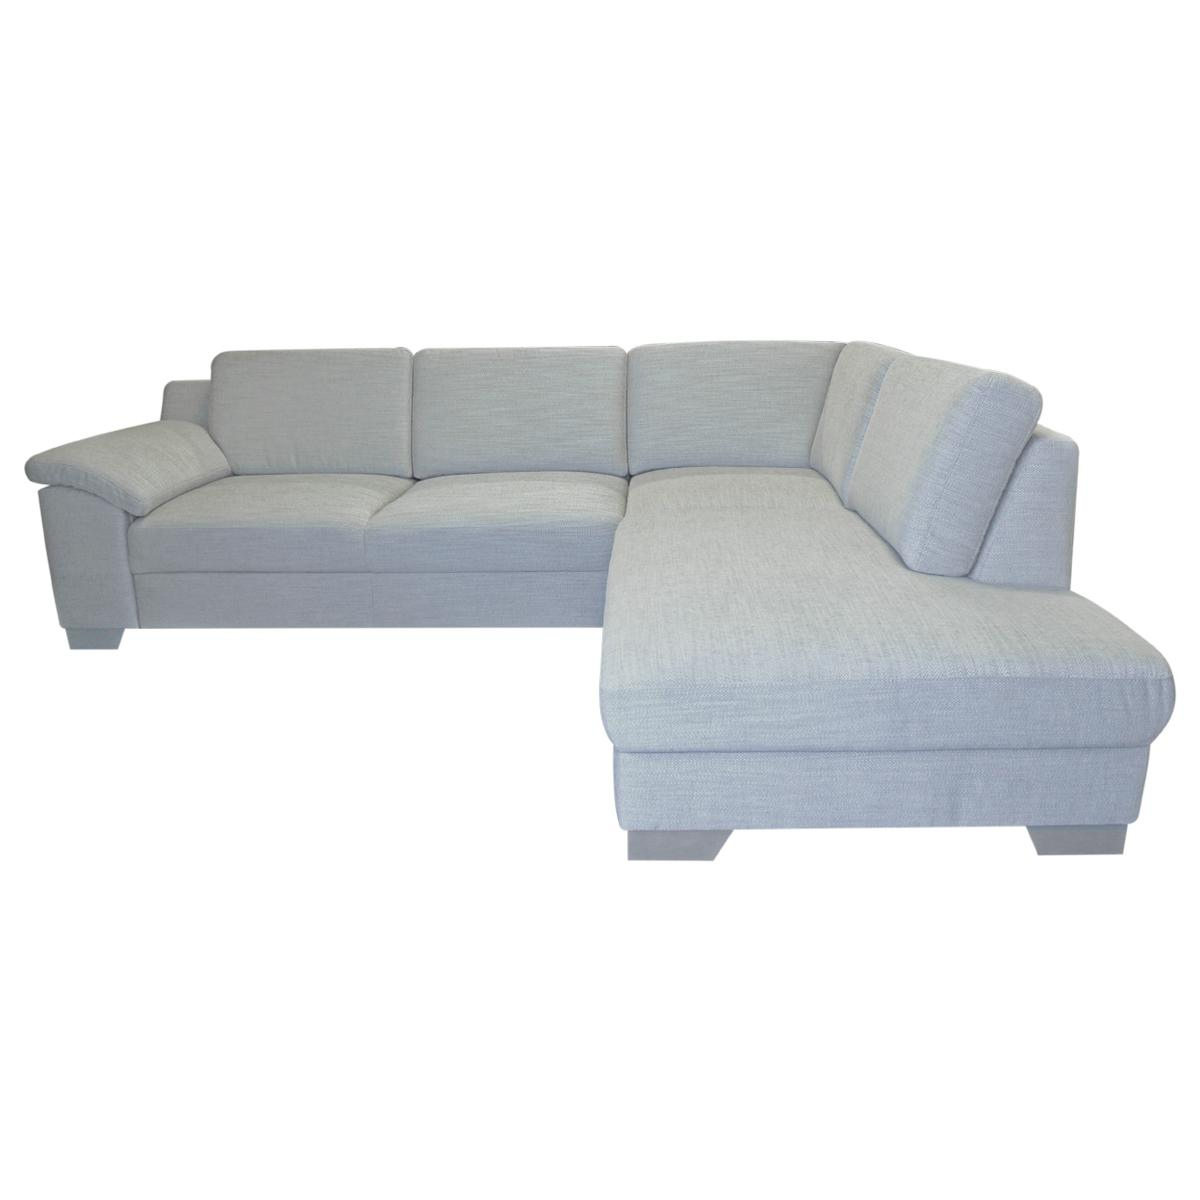 Rohová sedačka MALIBU - Obrázok č. 1